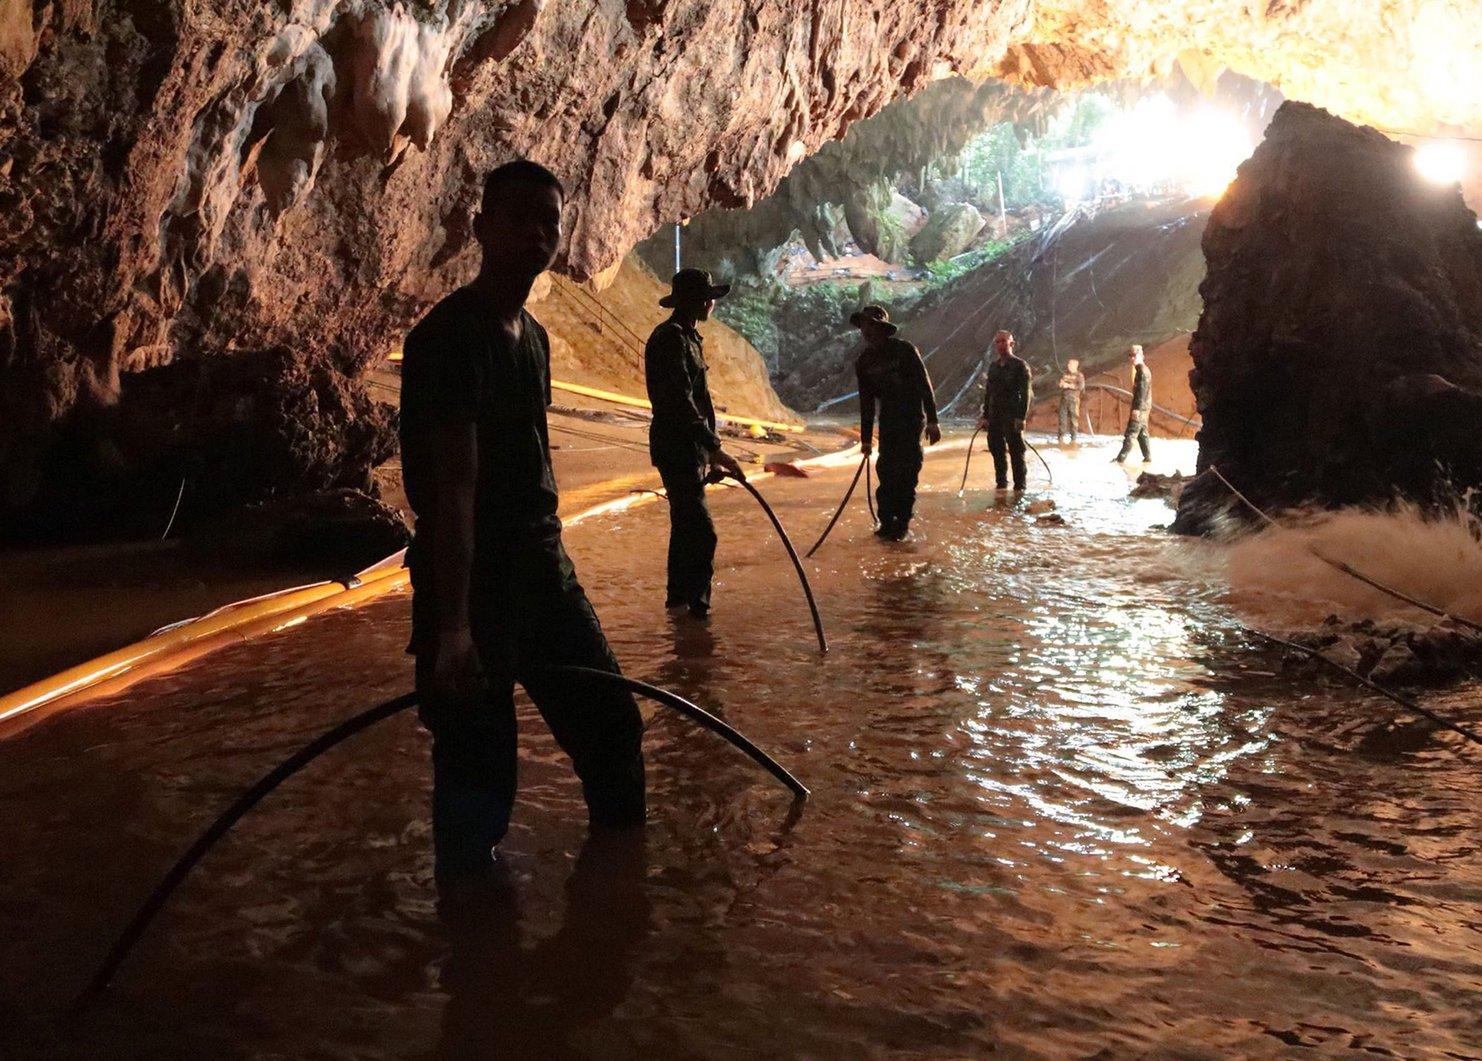 A thaiföldi haditengerészet közreadott felvétele katonákról az esővízzel elárasztott Tham Luang barlangban (MTI/EPA/Thaiföldi haditengerészet)